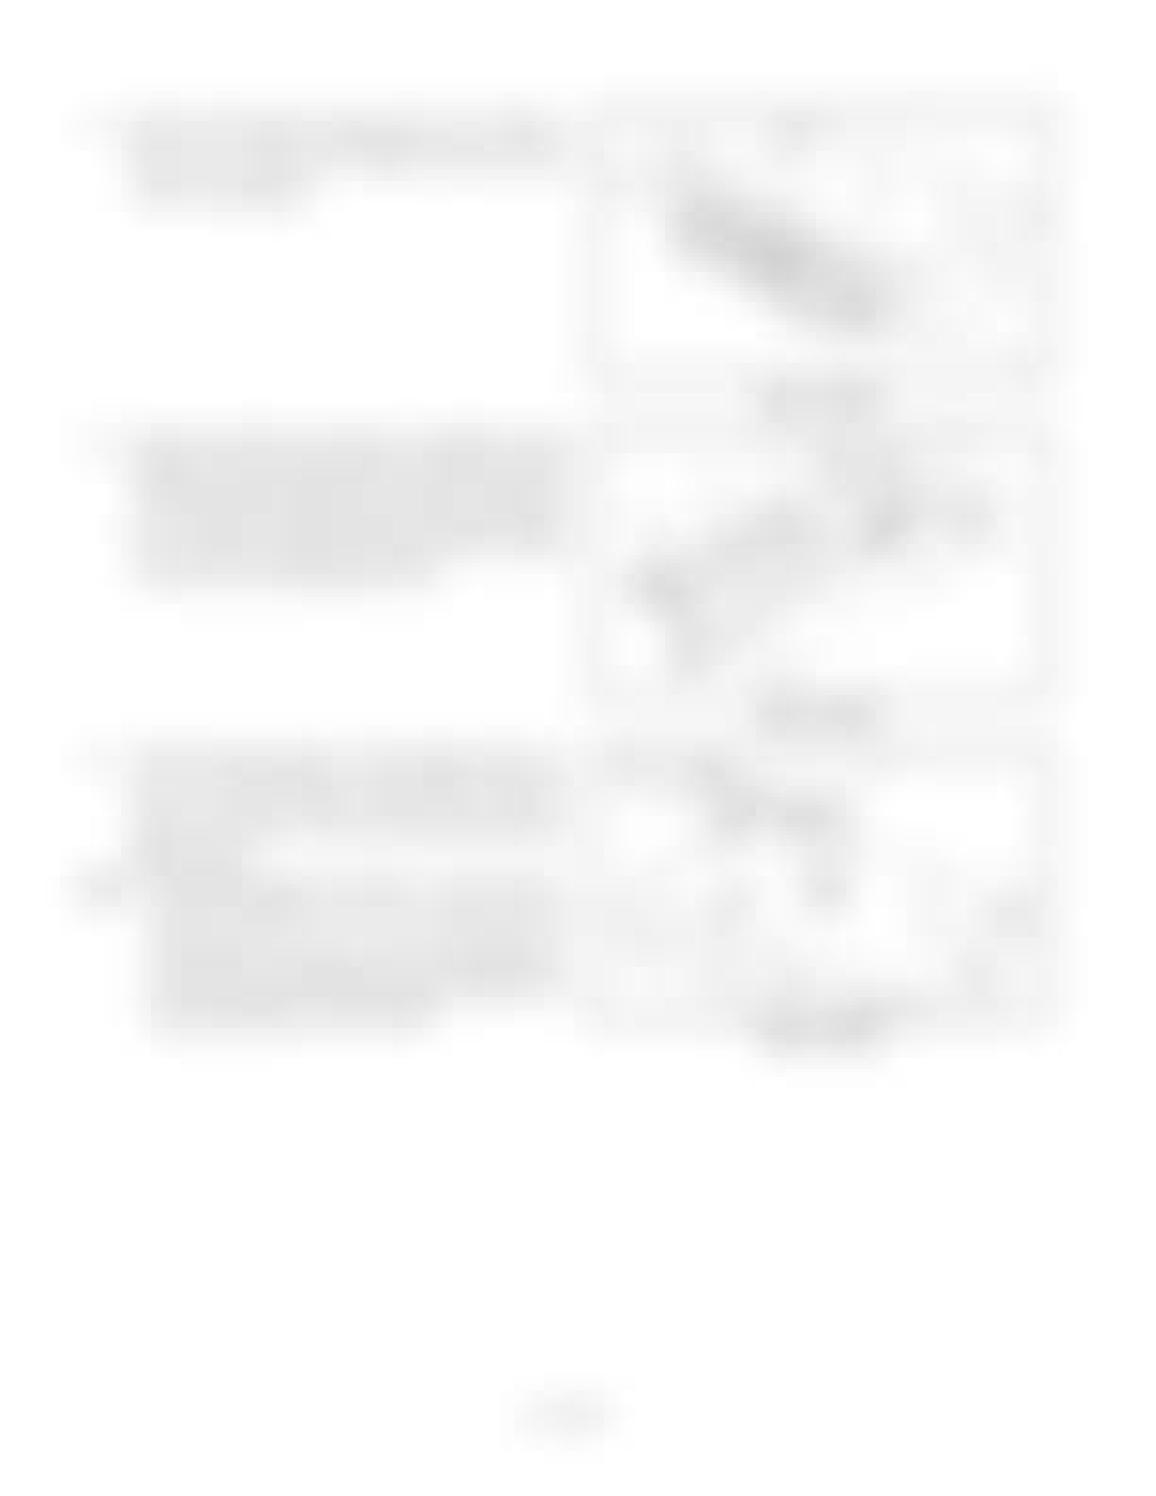 Hitachi LX110-7 LX130-7 LX160-7 LX190-7 LX230-7 Wheel Loader Workshop Manual - PDF DOWNLOAD page 54